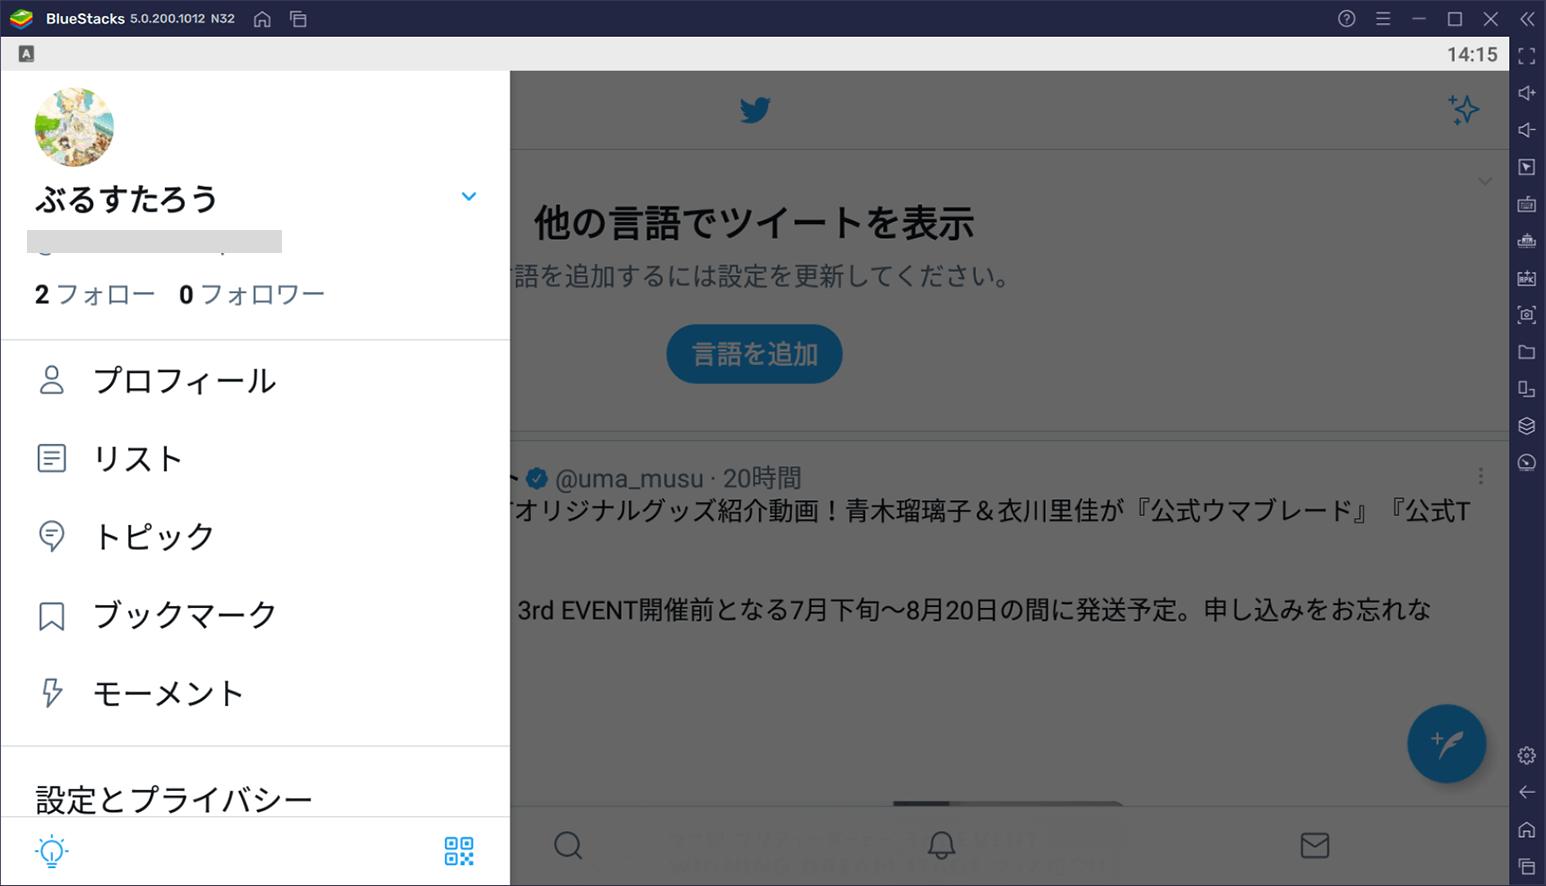 BlueStacksを使ってPCで『Twitter』を楽しもう